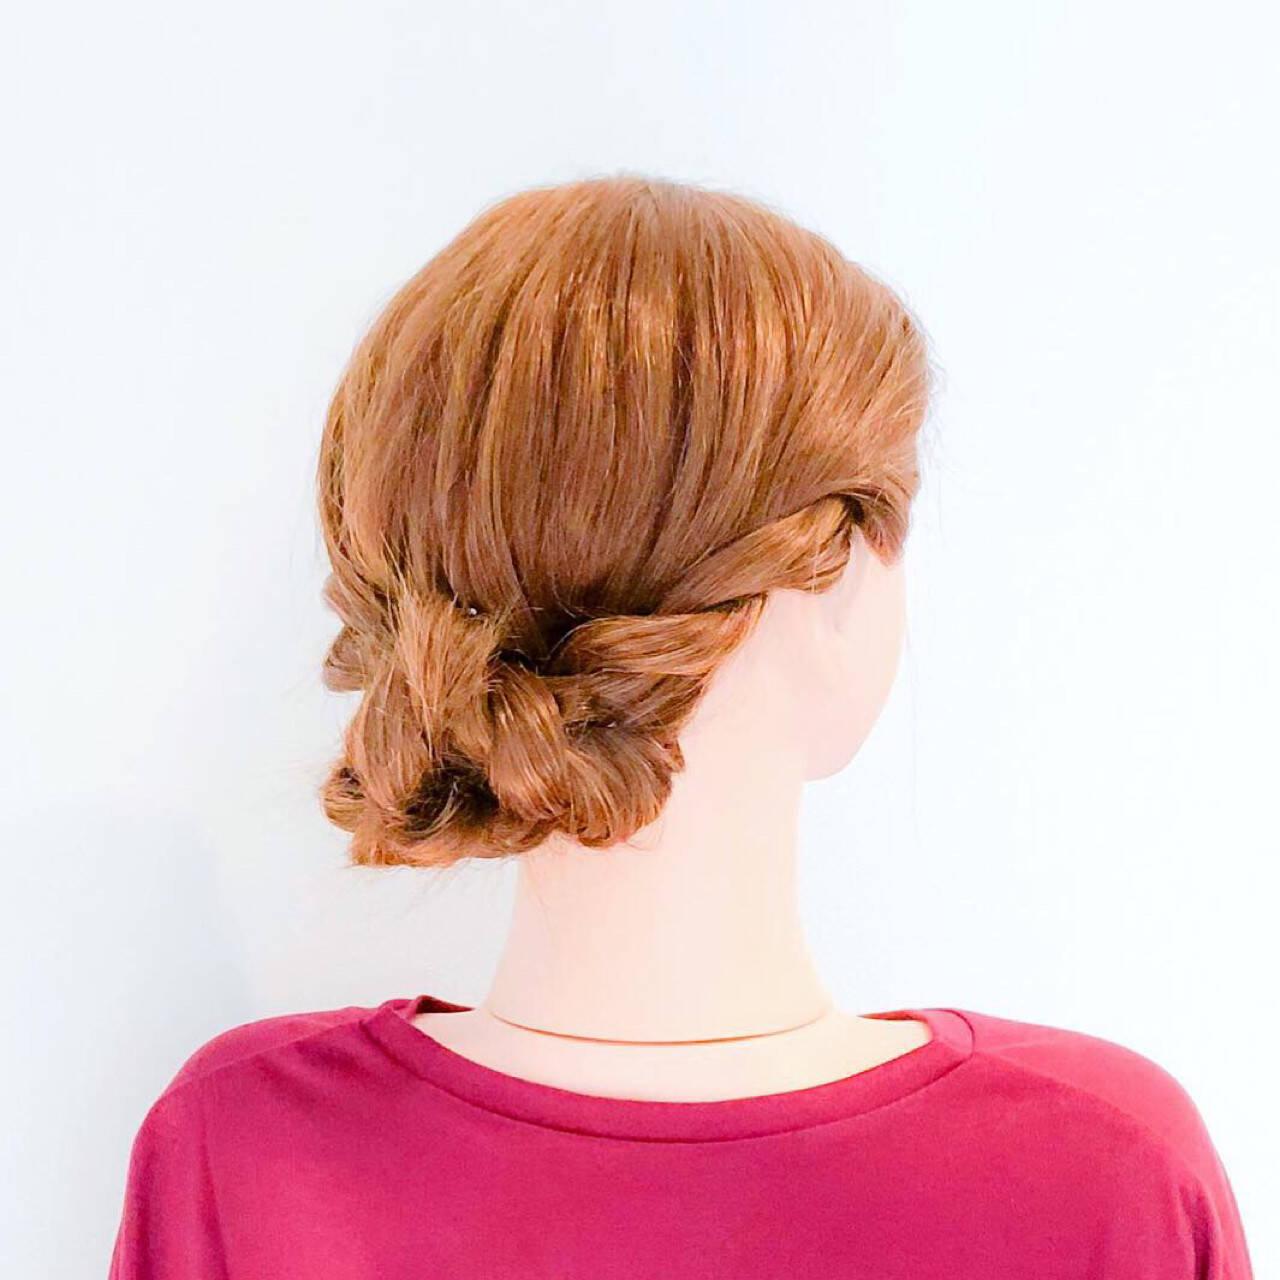 ねじり ロング フェミニン 簡単ヘアアレンジヘアスタイルや髪型の写真・画像